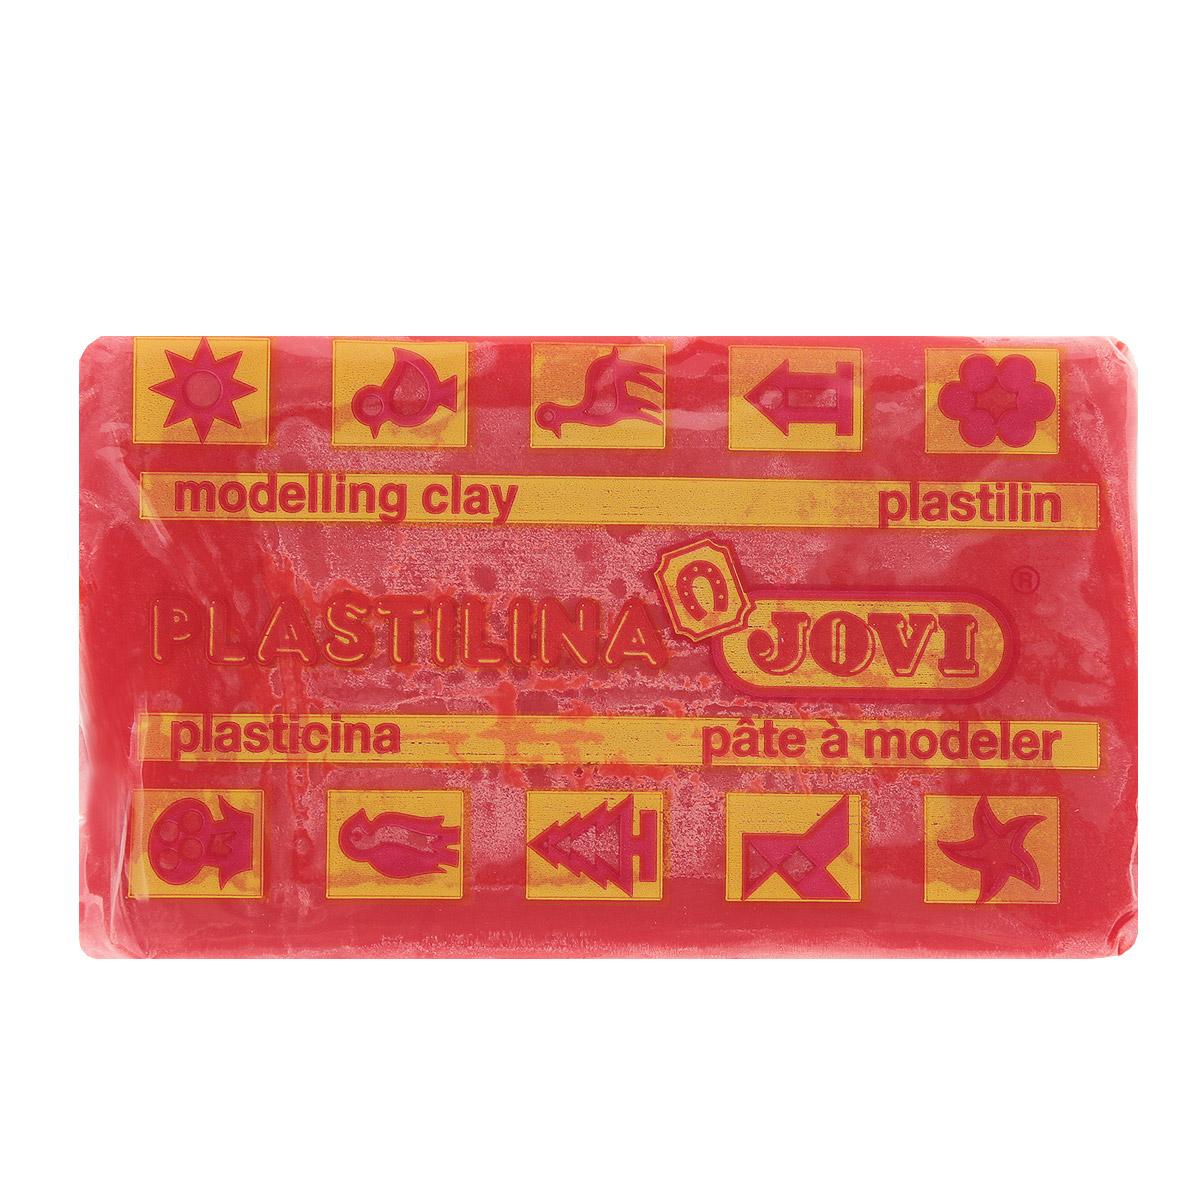 Jovi Пластилин, цвет: красный, 50 г2010440Пластилин Jovi - лучший выбор для лепки, он обладает превосходными изобразительными возможностями и поэтому дает простор воображению и самым смелым творческим замыслам. Пластилин, изготовленный на растительной основе, очень мягкий, легко разминается и смешивается, не пачкает руки и не прилипает к рабочей поверхности. Пластилин пригоден для создания аппликаций и поделок, ручной лепки, моделирования на каркасе, пластилиновой живописи - рисовании пластилином по бумаге, картону, дереву или текстилю. Пластические свойства сохраняются в течение 5 лет.